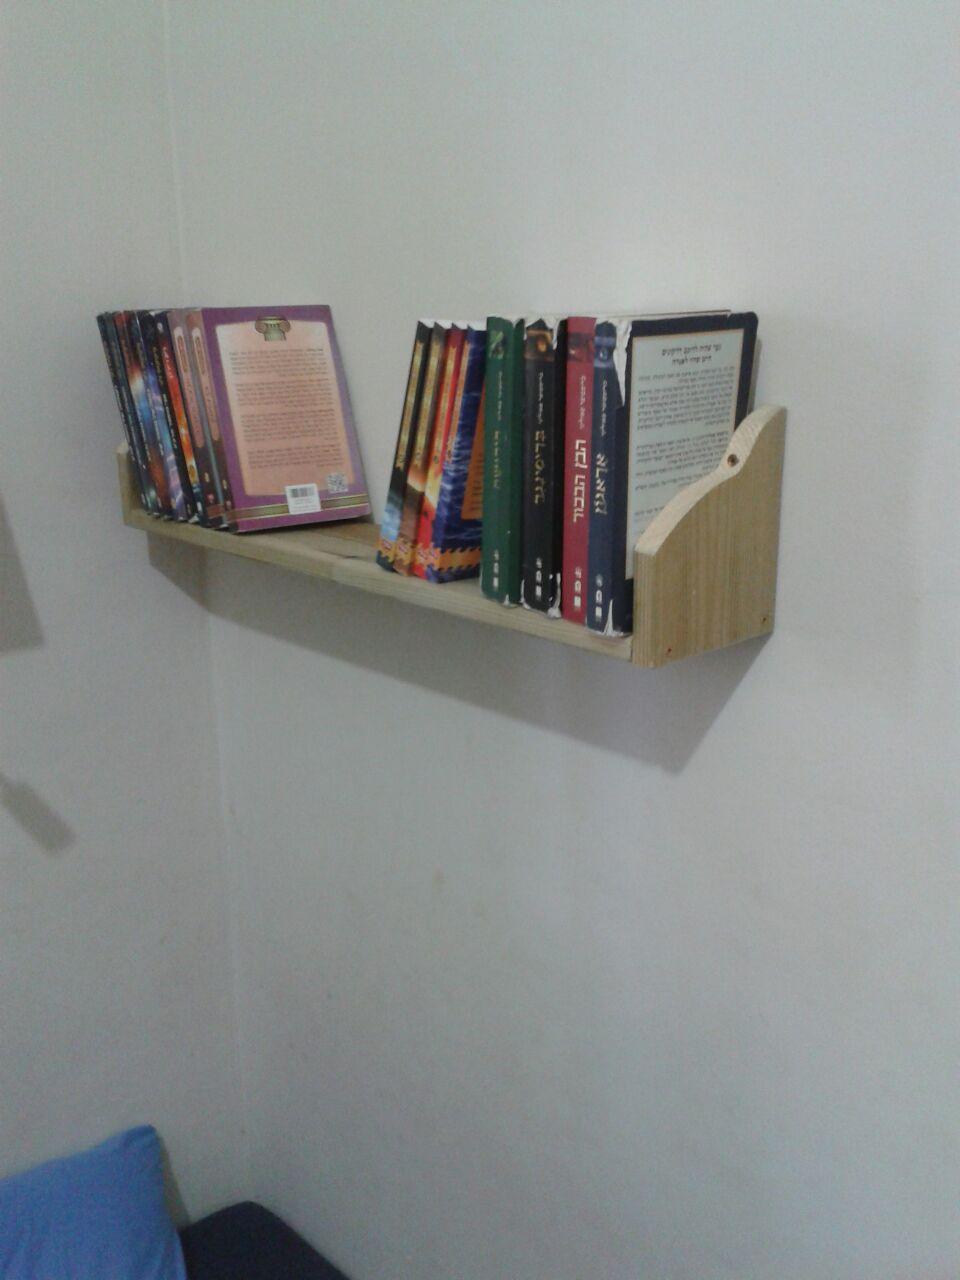 מדף לספרים